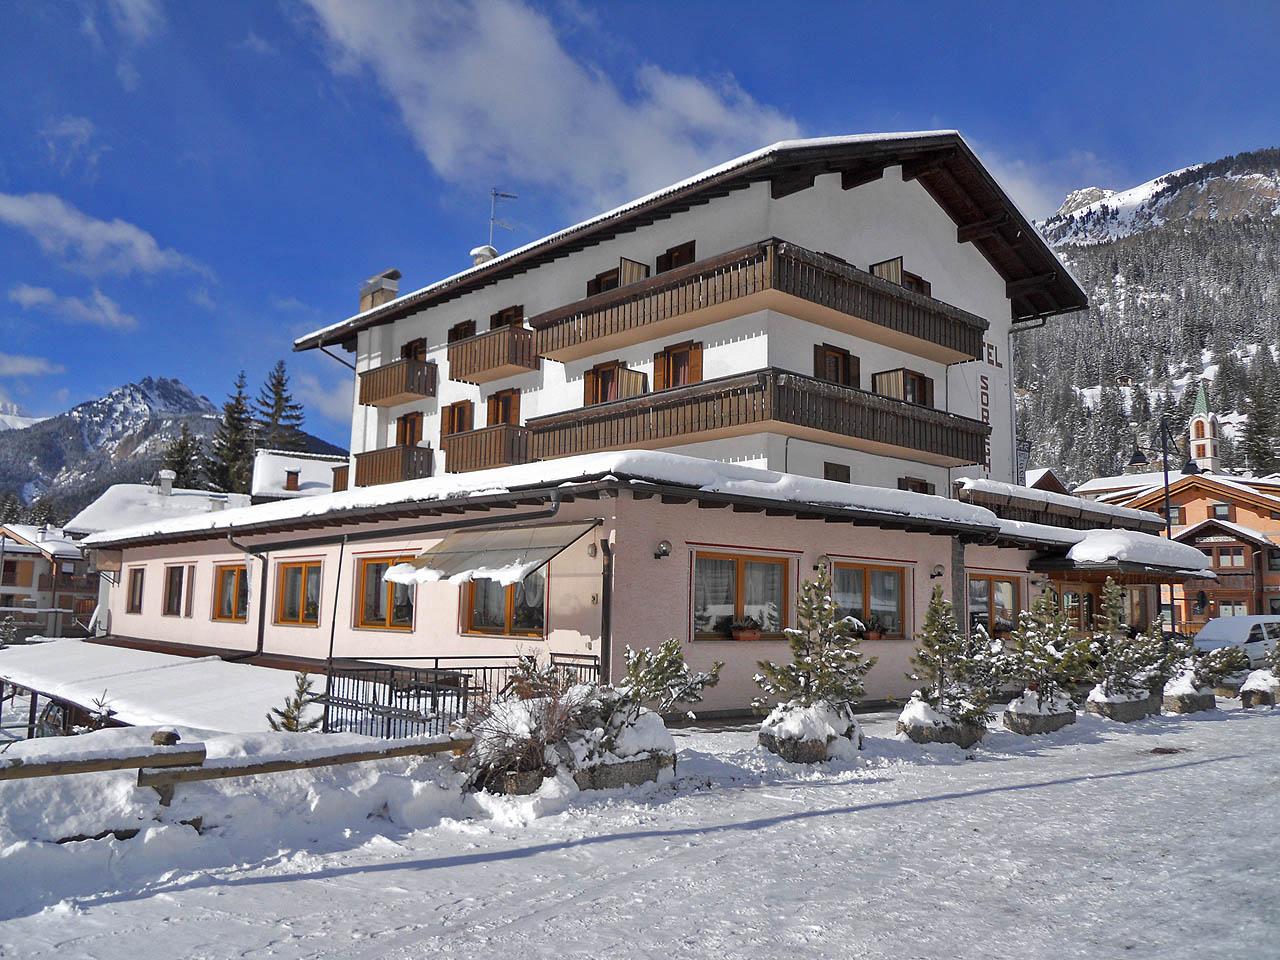 Photo of Recensione dell'Hotel Soreghina a Canazei in Val di Fassa